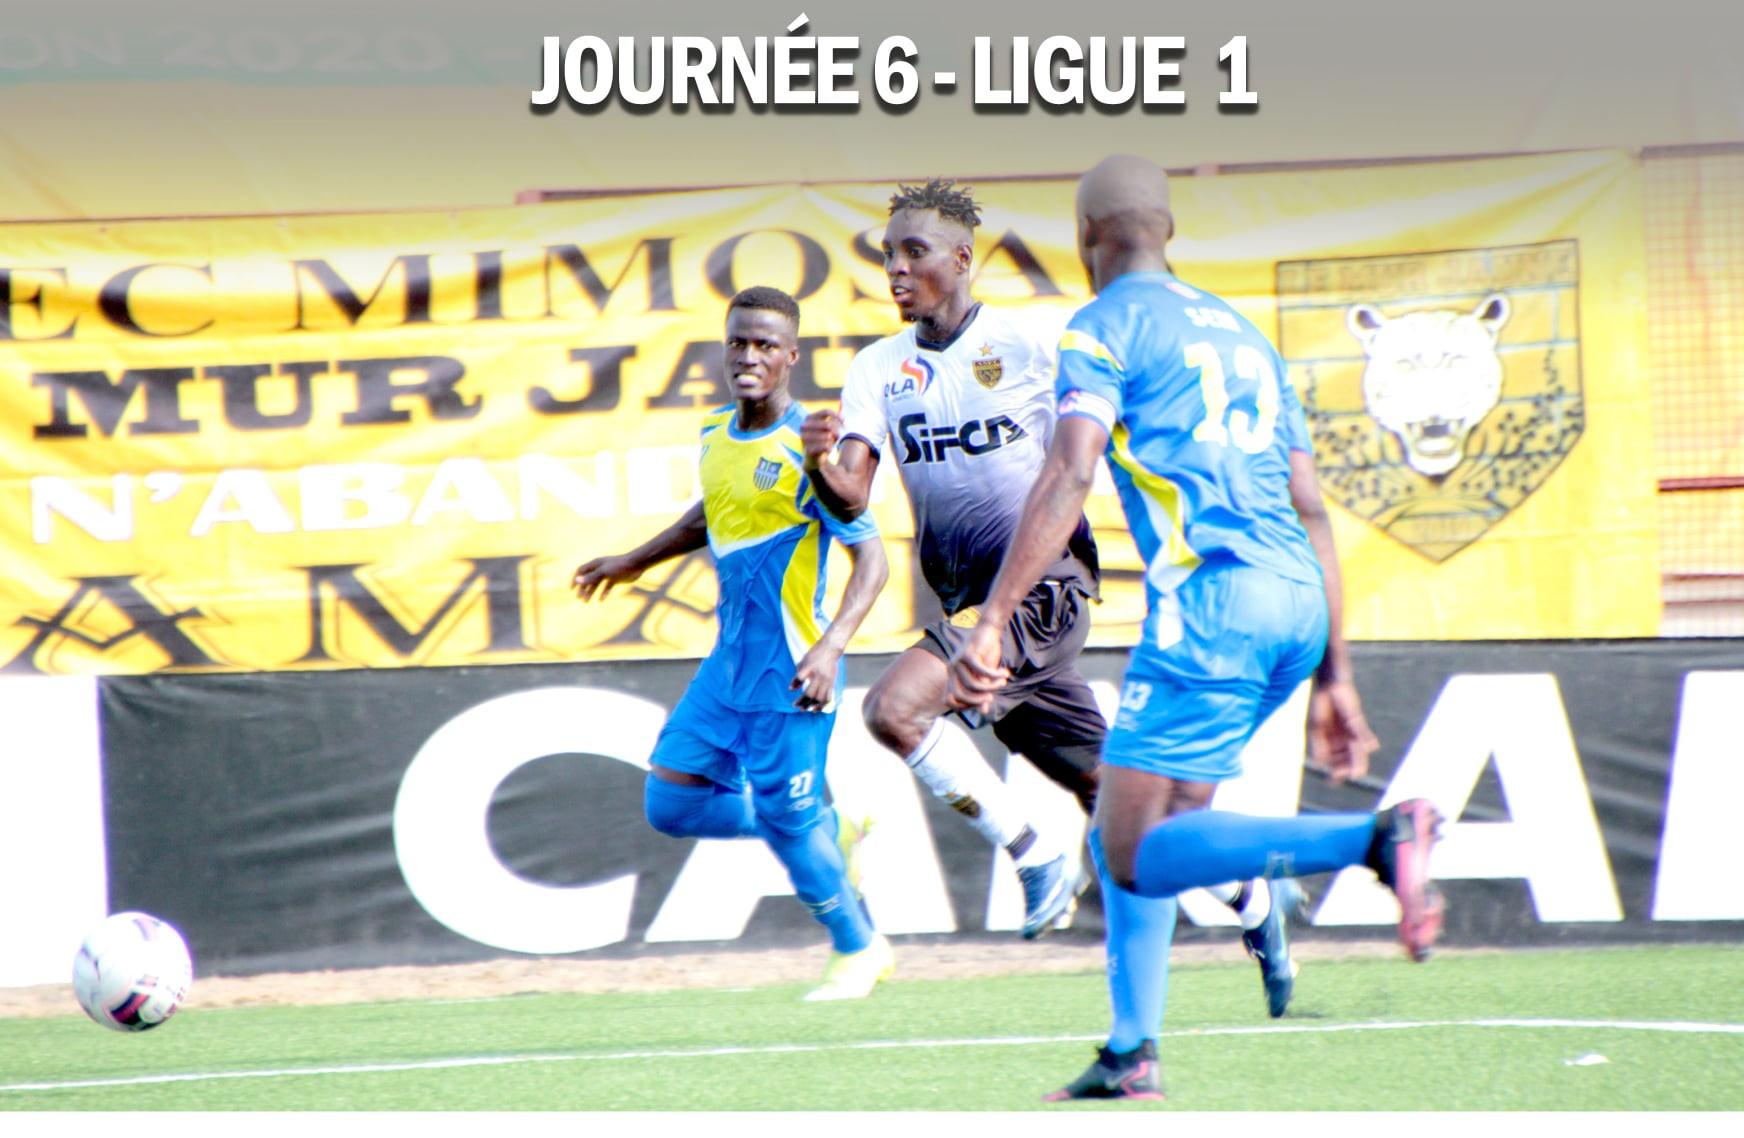 ligue-1-ivoirienne-resultats-et-classements-a-lissue-de-la-6e-journee